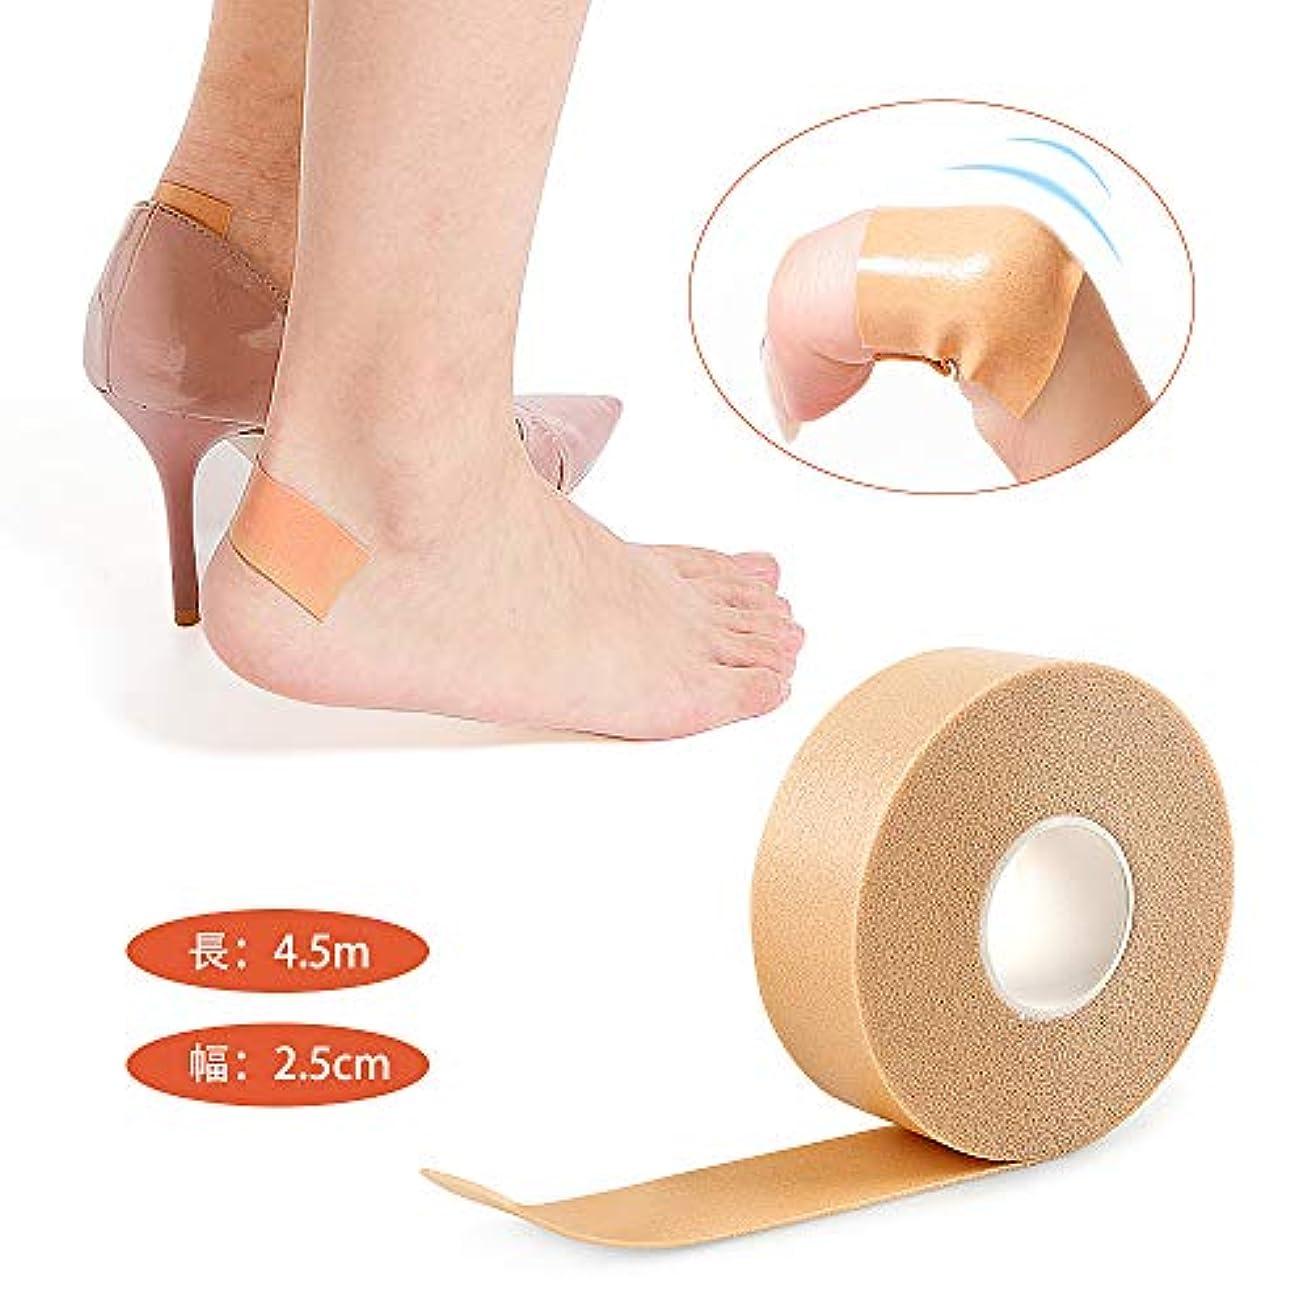 灰唇解決Azue 靴擦れ防止パッド かかとパッド 靴ずれ予防テープ テープ 防水素材 粘着 幅2.5cm×長4.5m 保護テープ 足用保護パッド 男女兼用